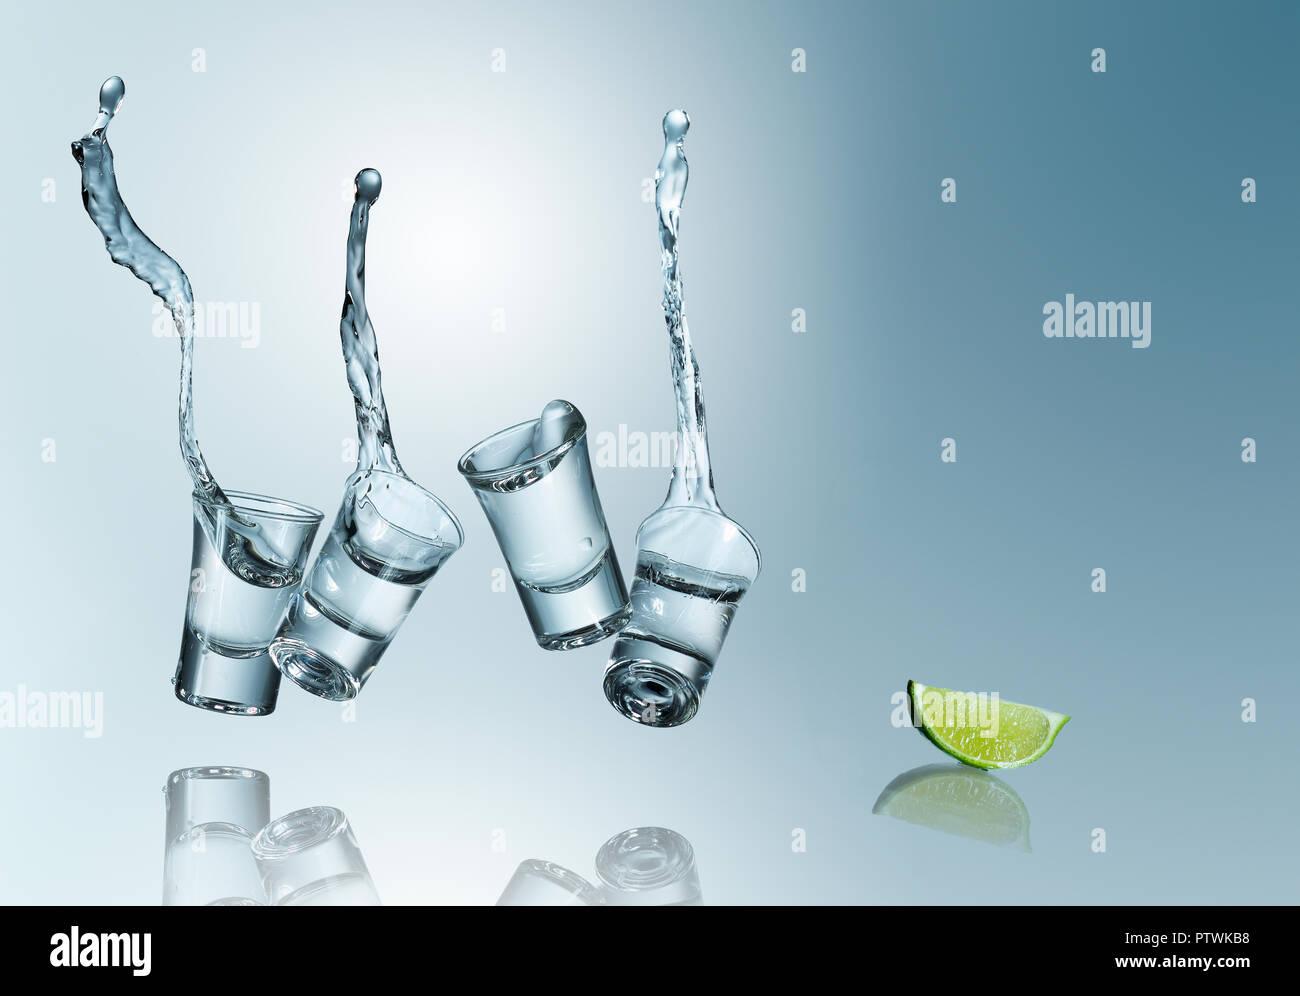 Tequila déversant dans des verres avec lime, studio shot Photo Stock